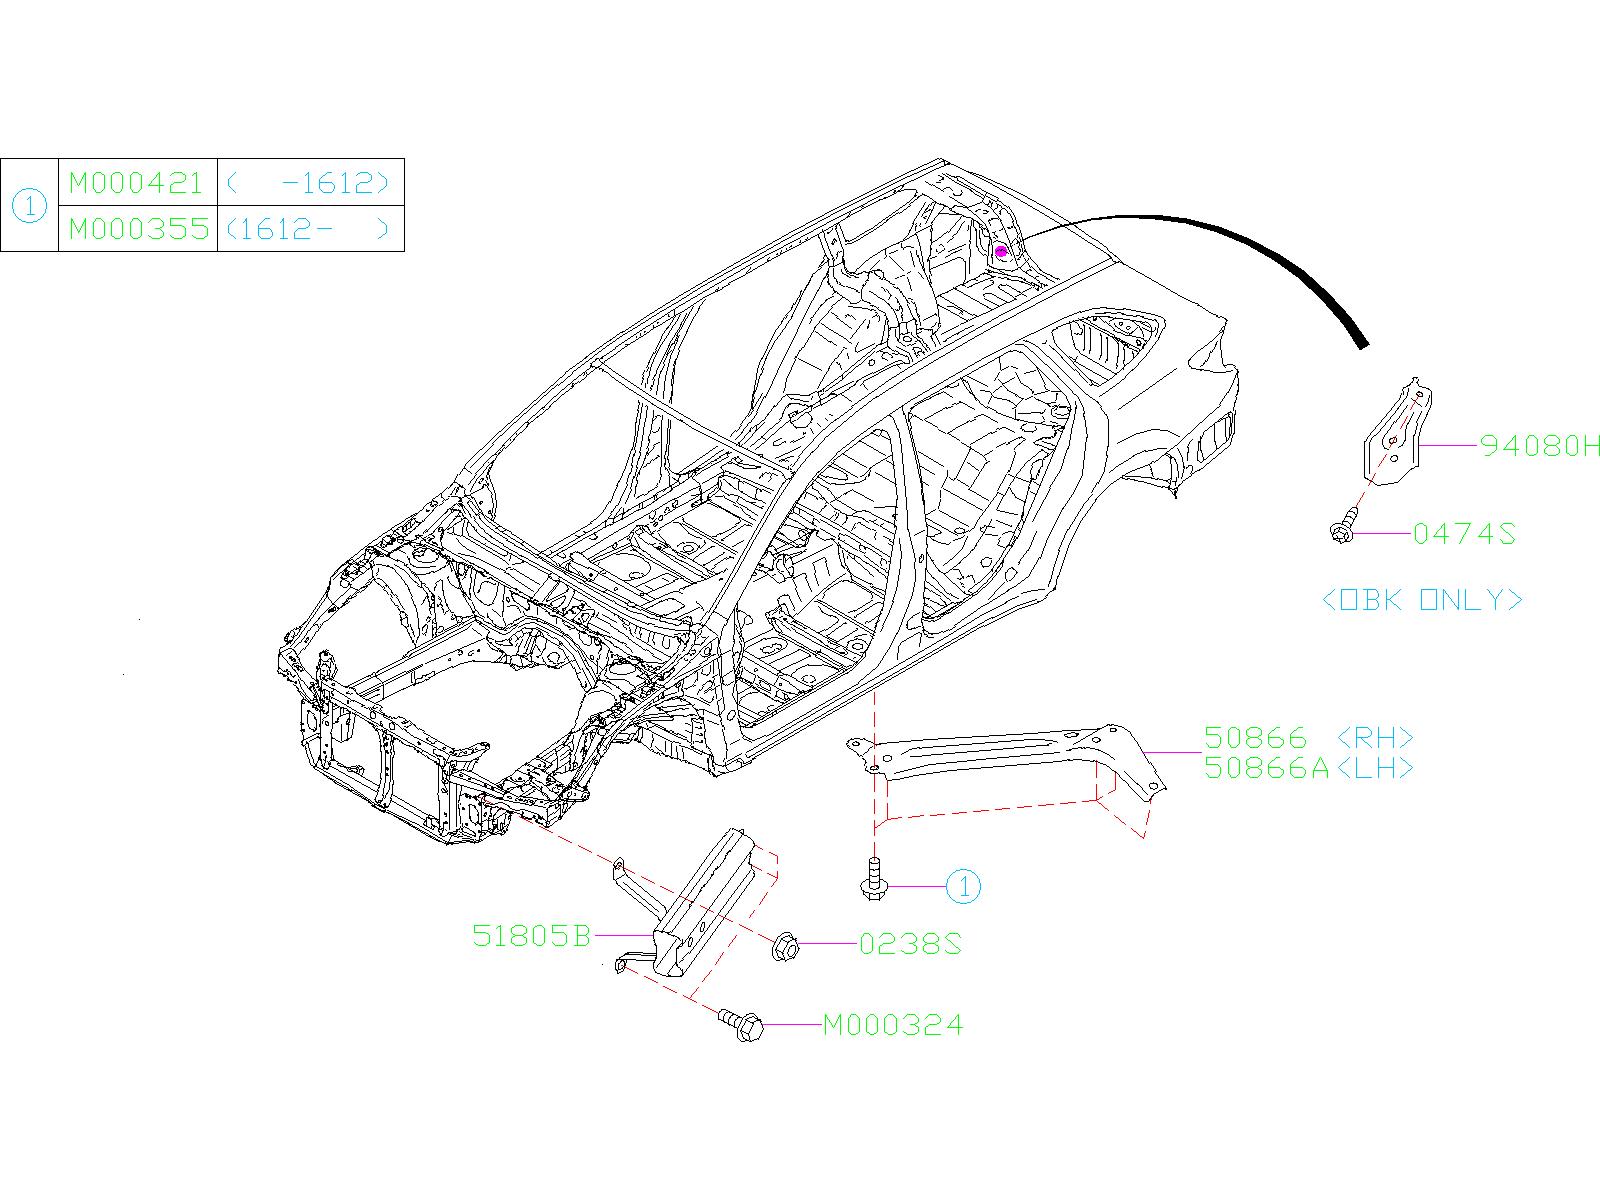 Al04a9p